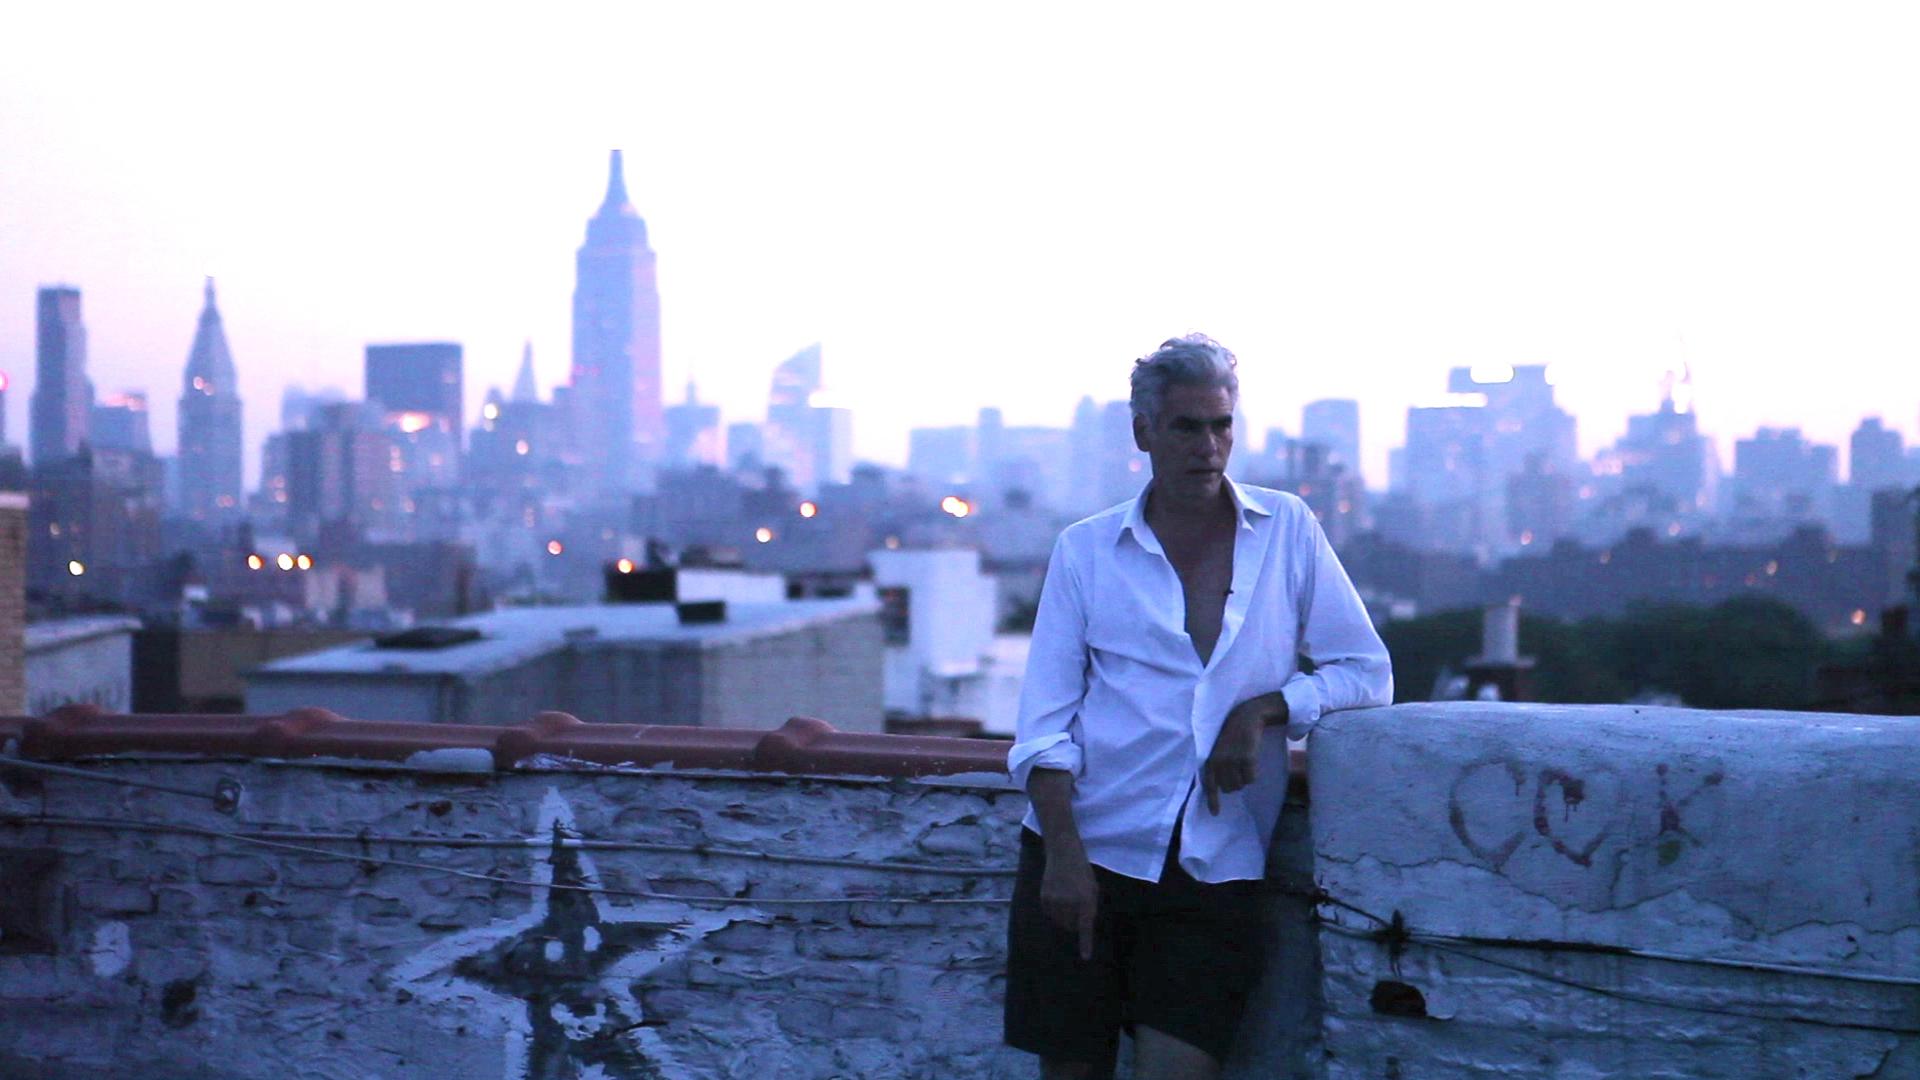 映画『ホームレス ニューヨークと寝た男』より